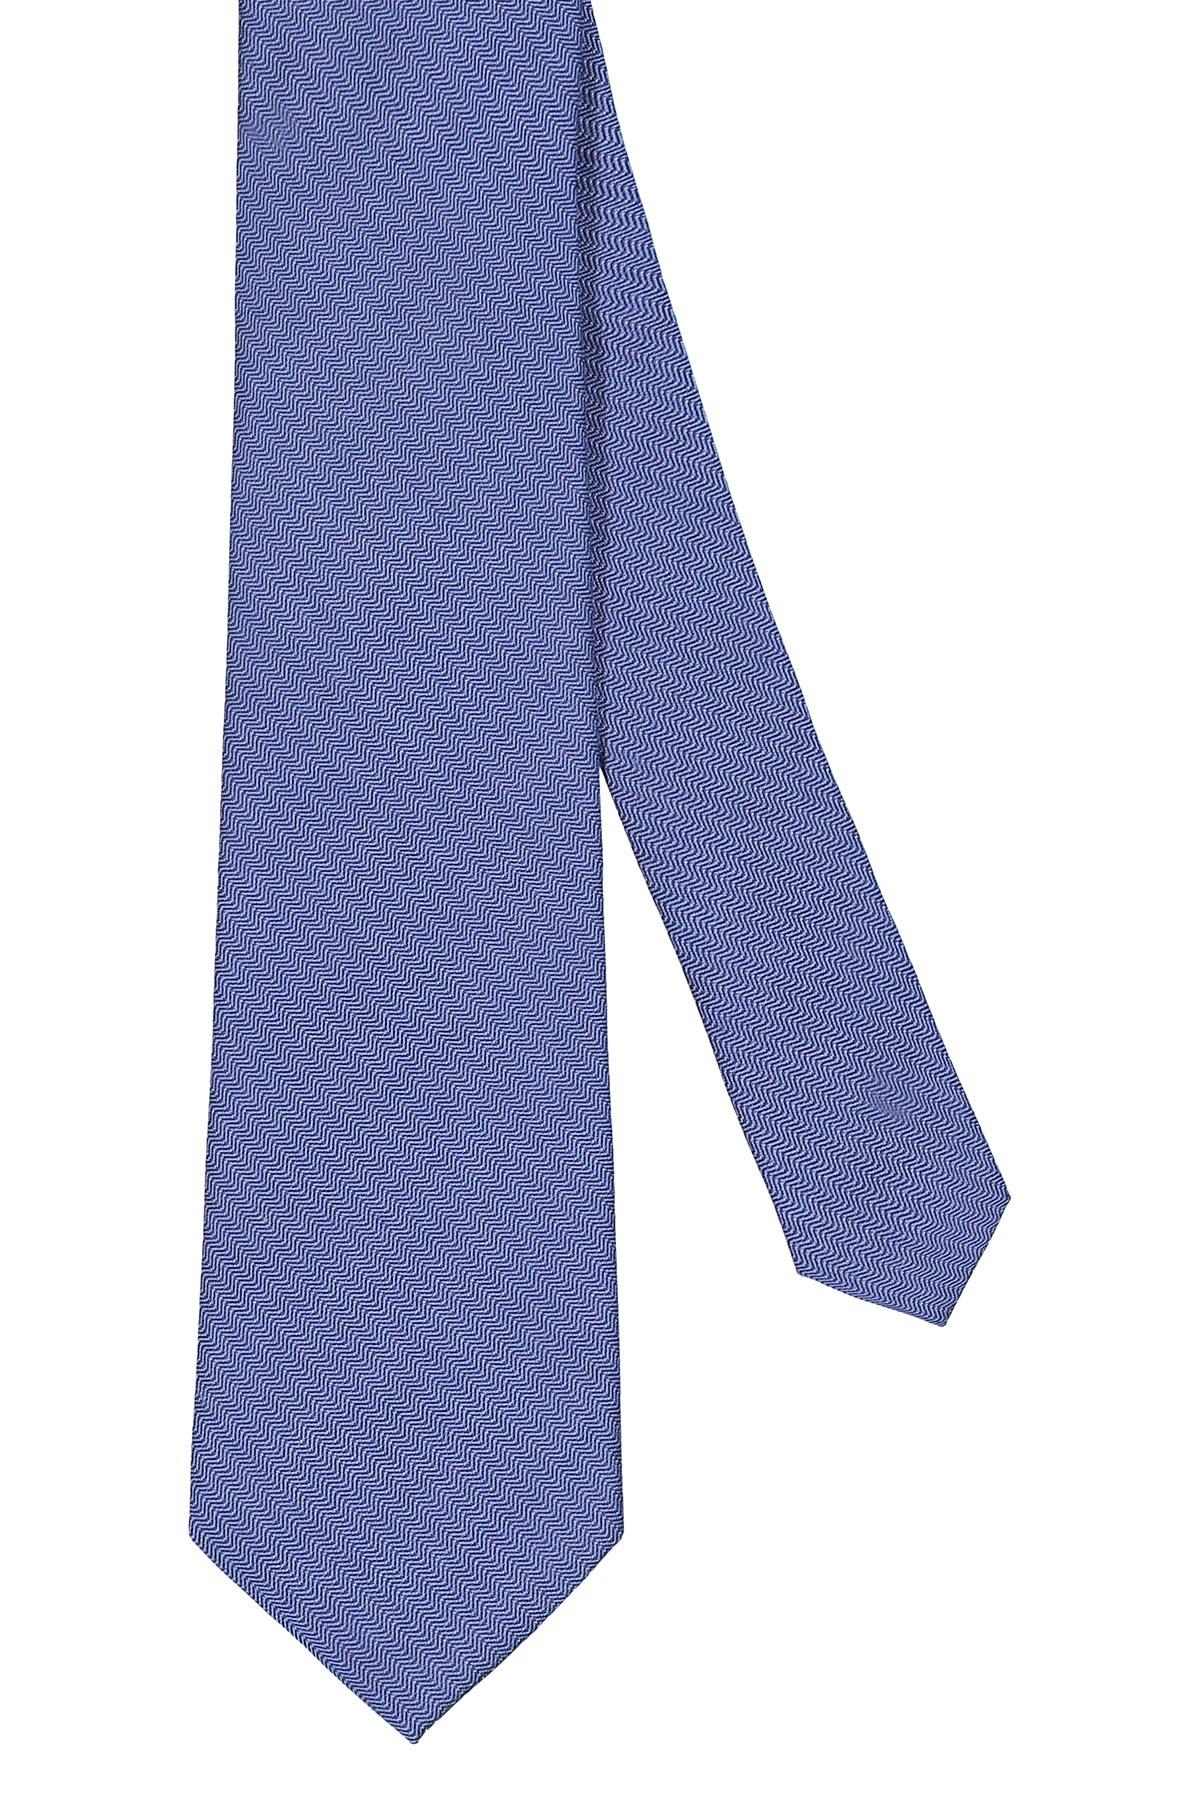 Corbata Calvin Klein, seda mezcla, color azulino trama diagonal.